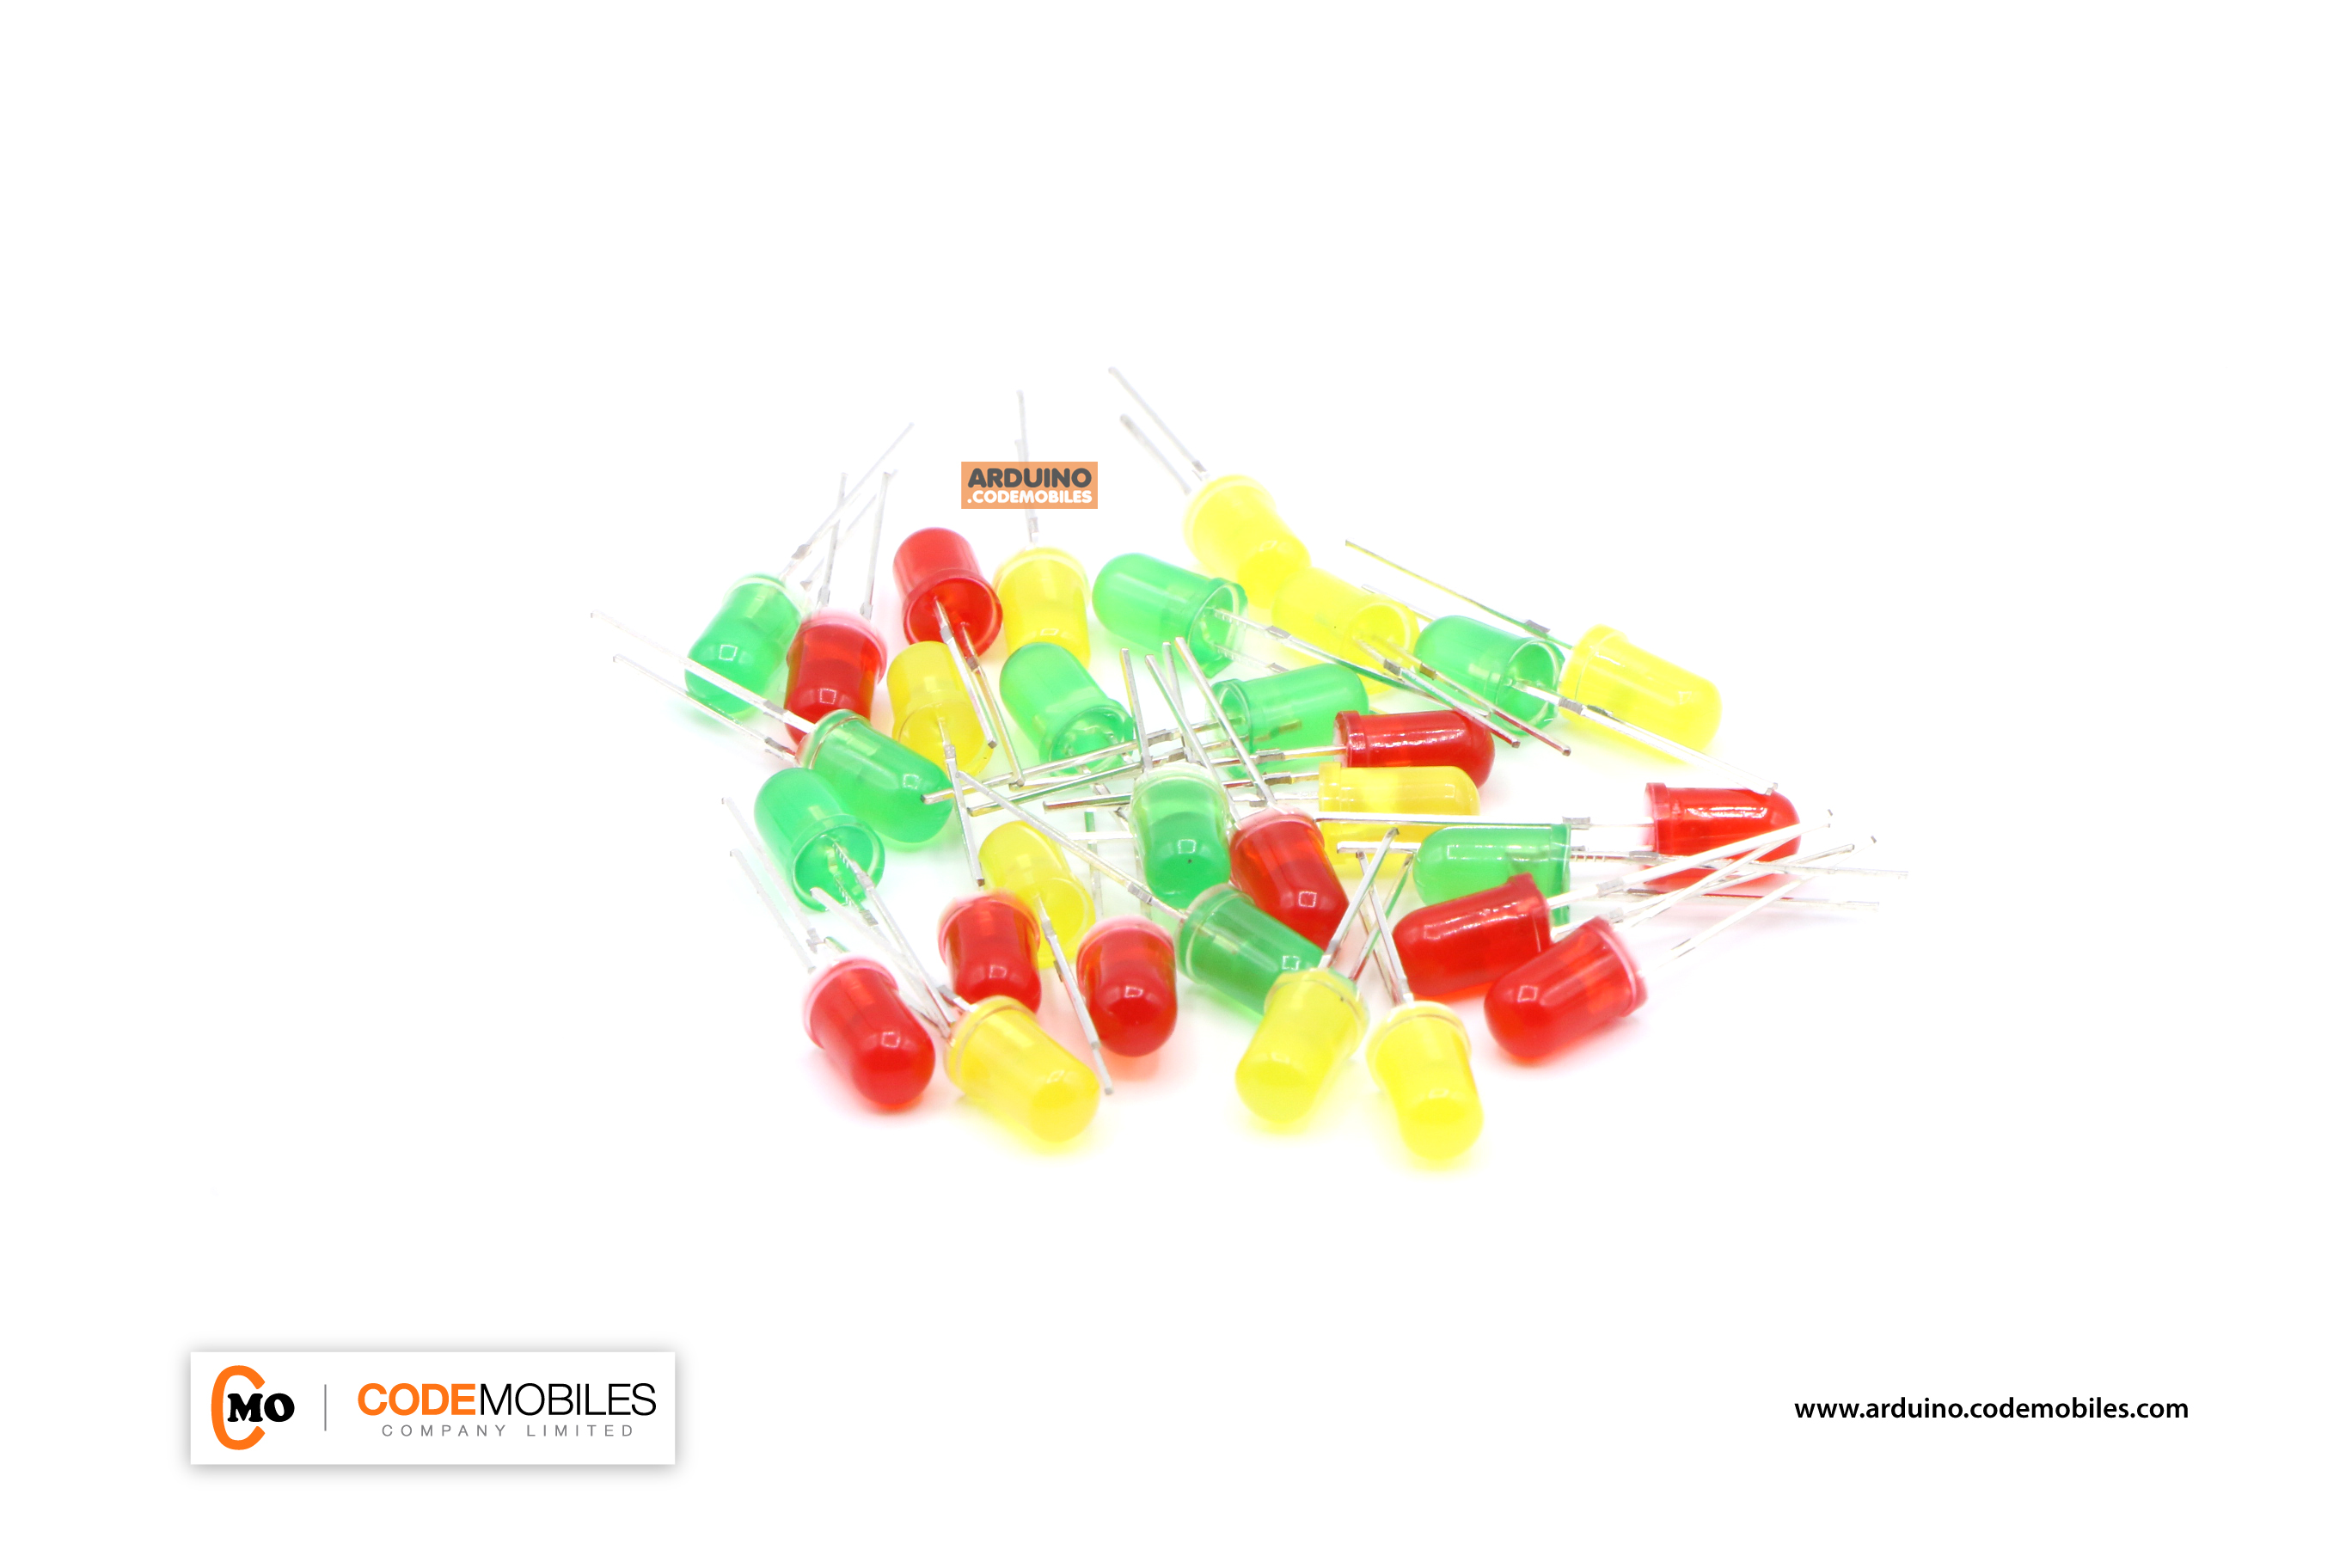 LED 5mm จำนวน 30 ดวง 3 สี อย่างละ 10 ดวง